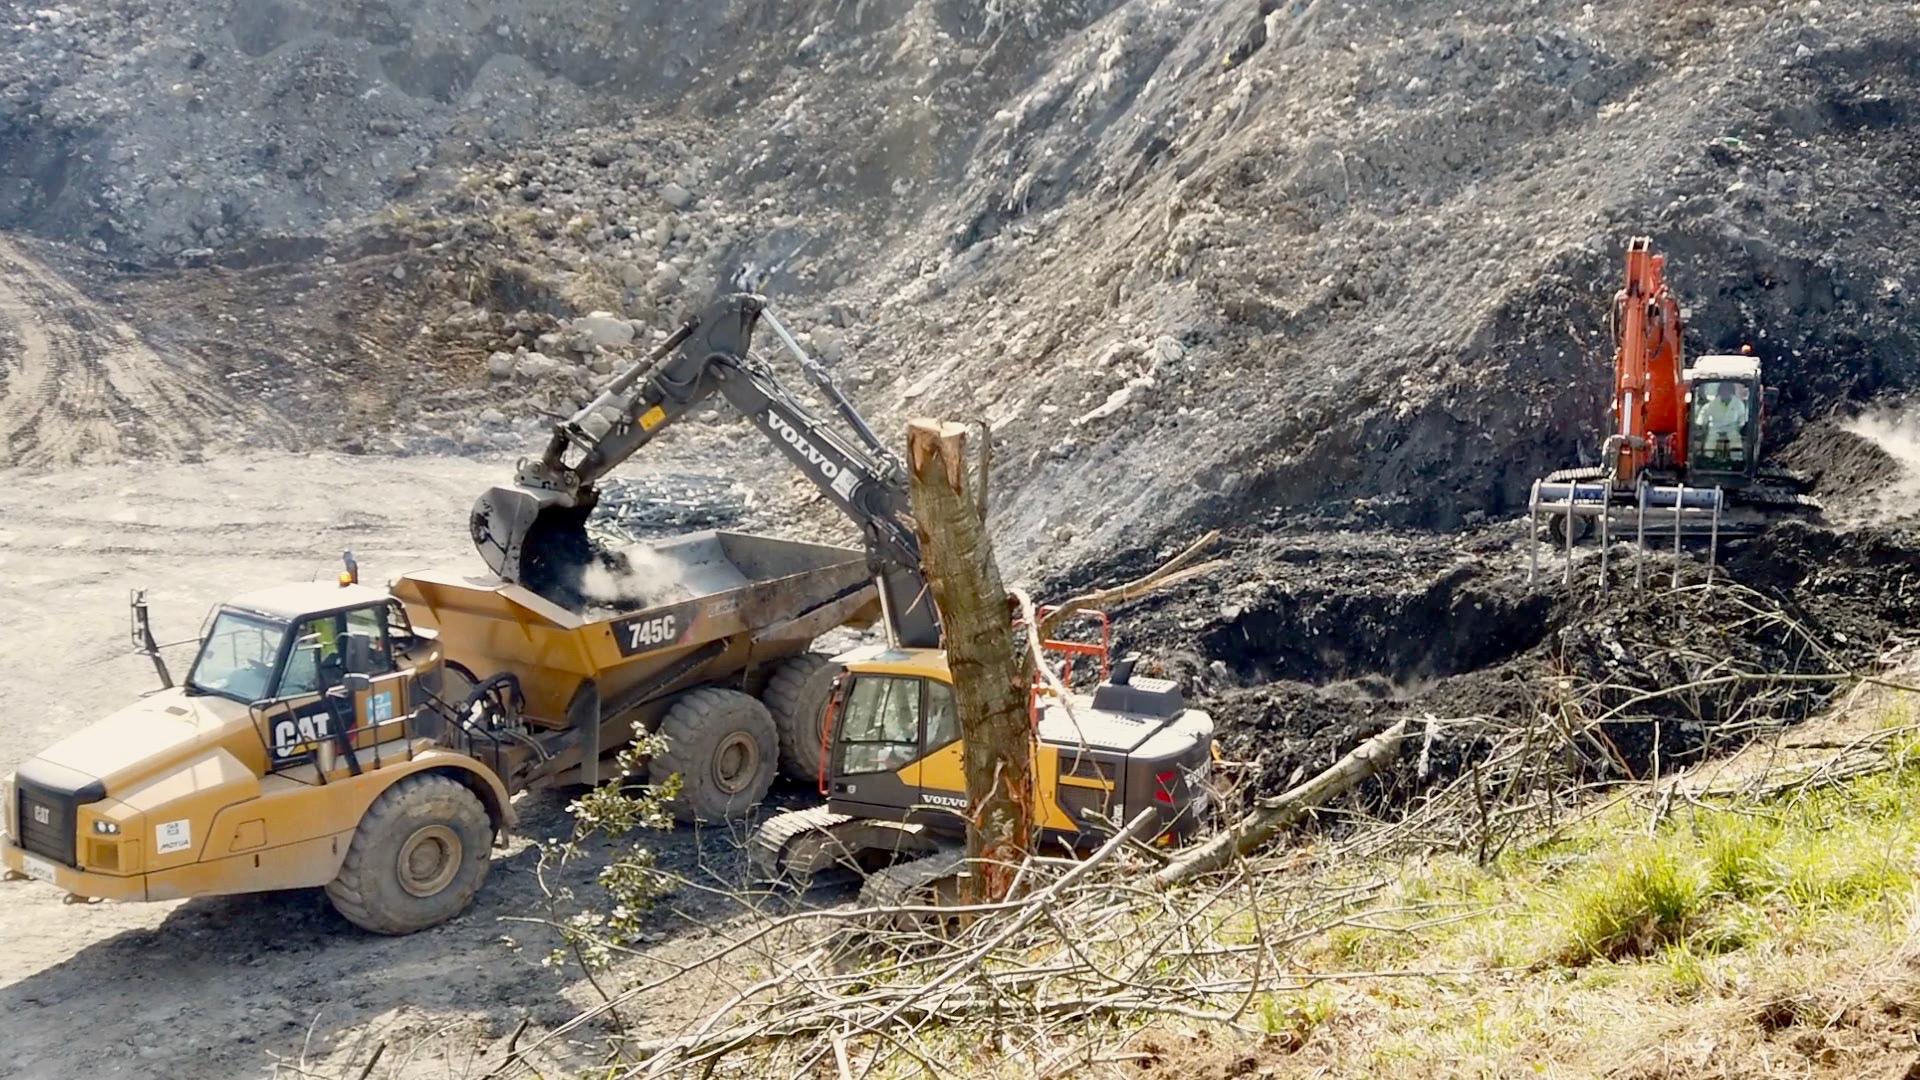 Información sobre el operativo de búsqueda de Alberto y Joaquin en el vertedero de Zaldibar (Verter Recycling 2002)